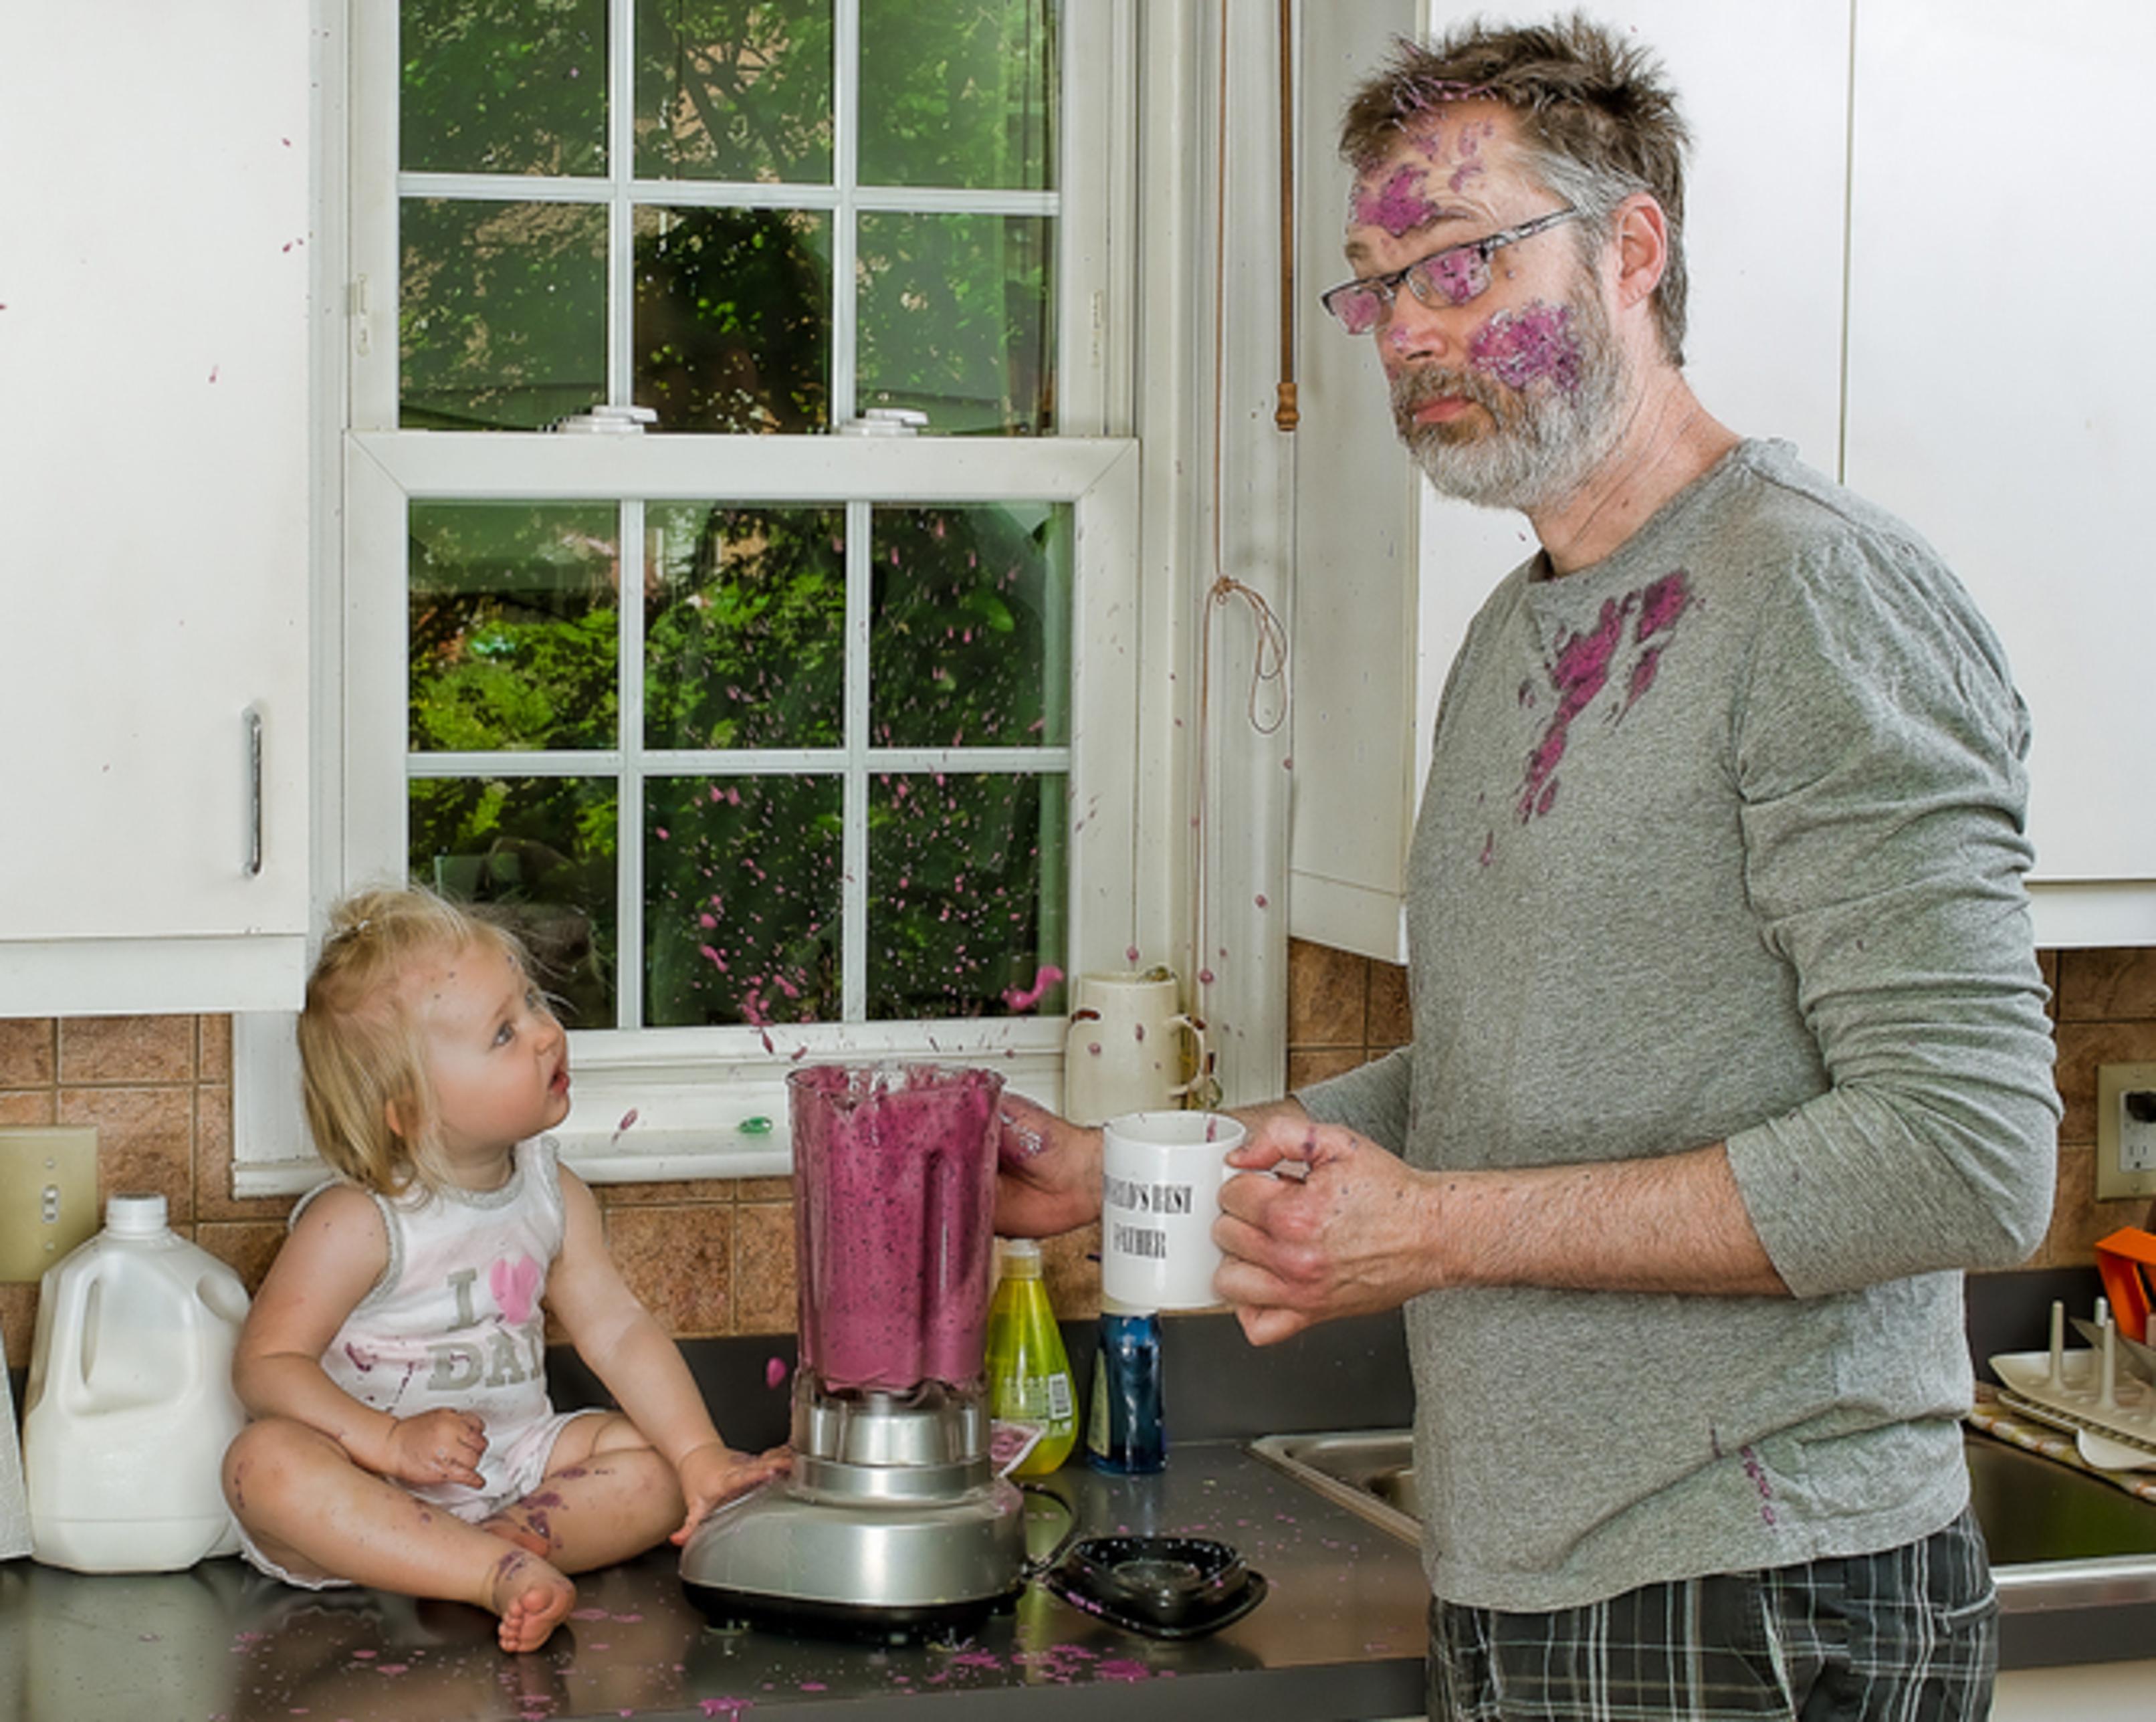 Лучшие анекдоты про мужа и жену самые смешные - - Все 20